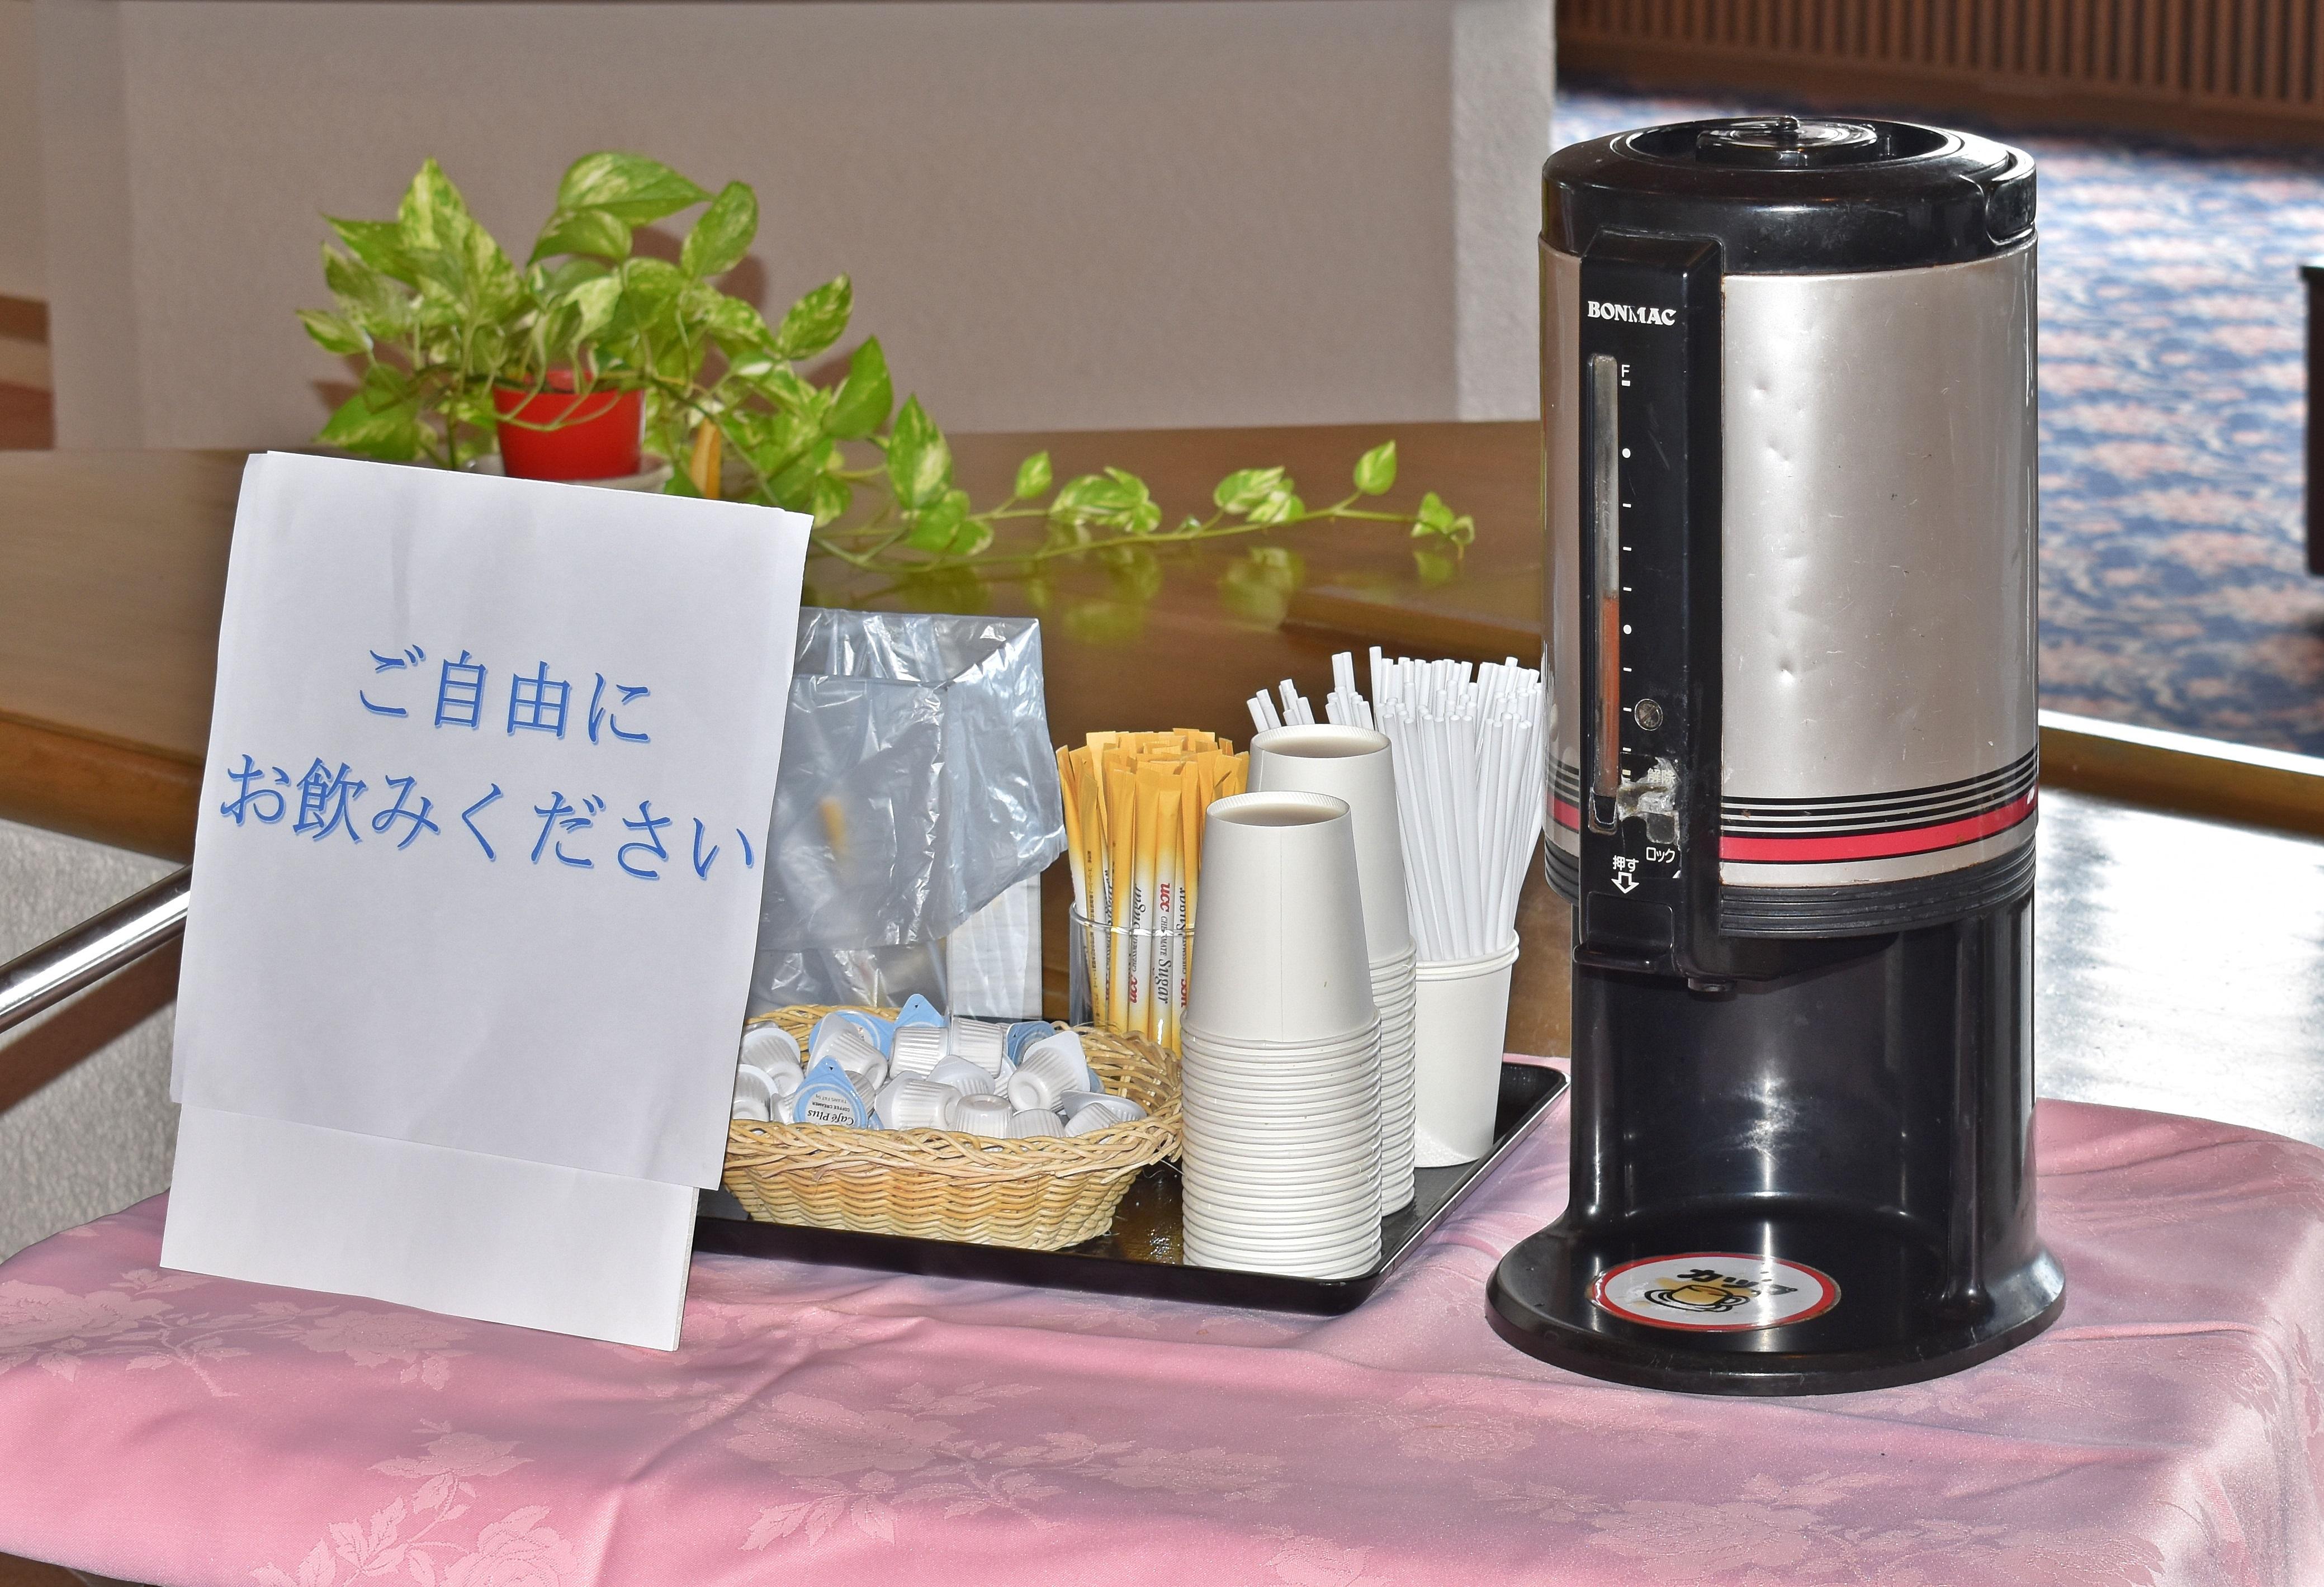 ラウンド後のホットコーヒーサービスいたしております。